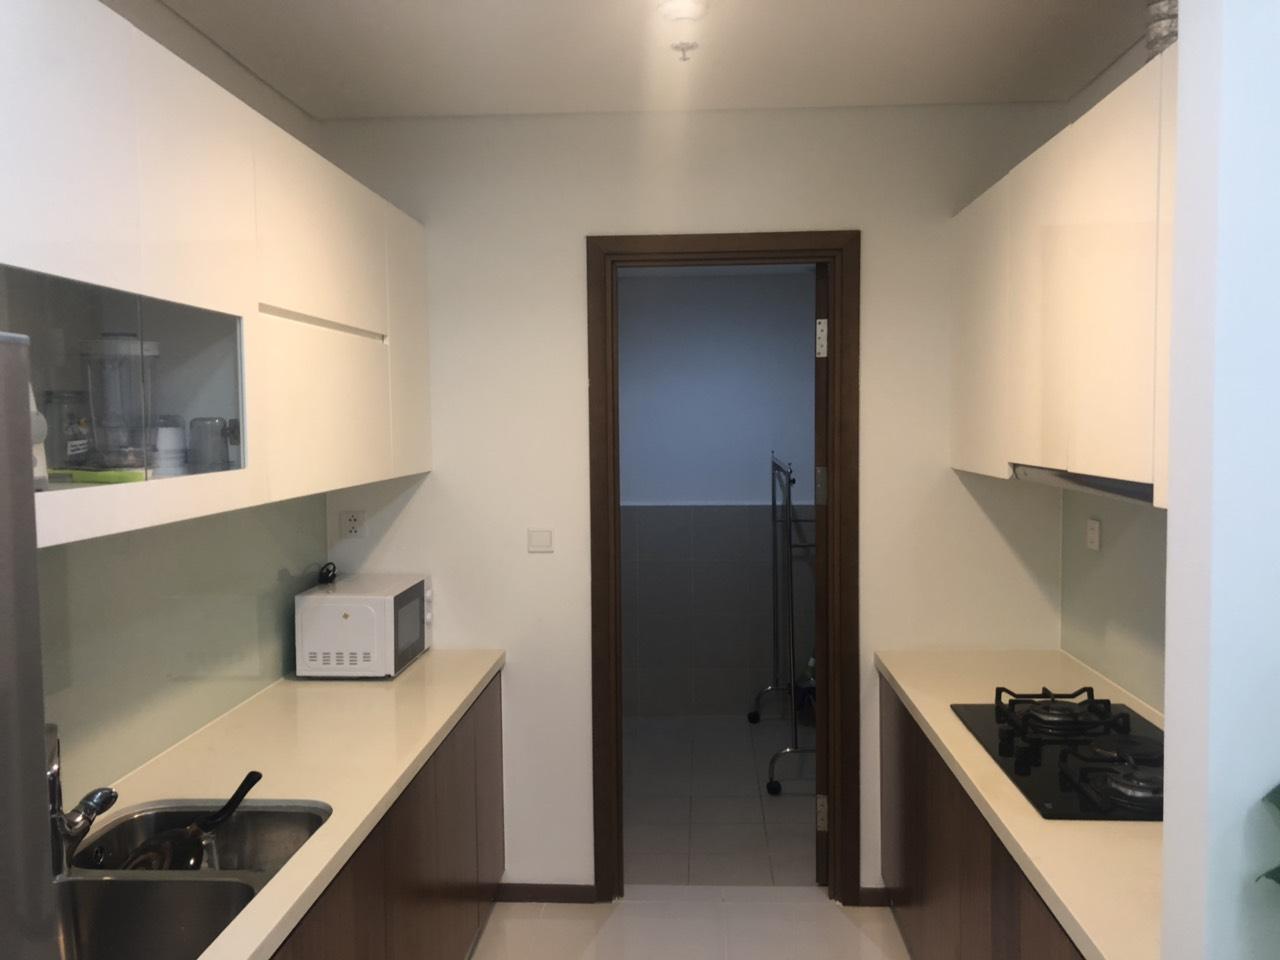 Căn hộ 2 PN Thảo Điền Pearl - Đầy Đủ Nội Thất & Hiện Đại-7